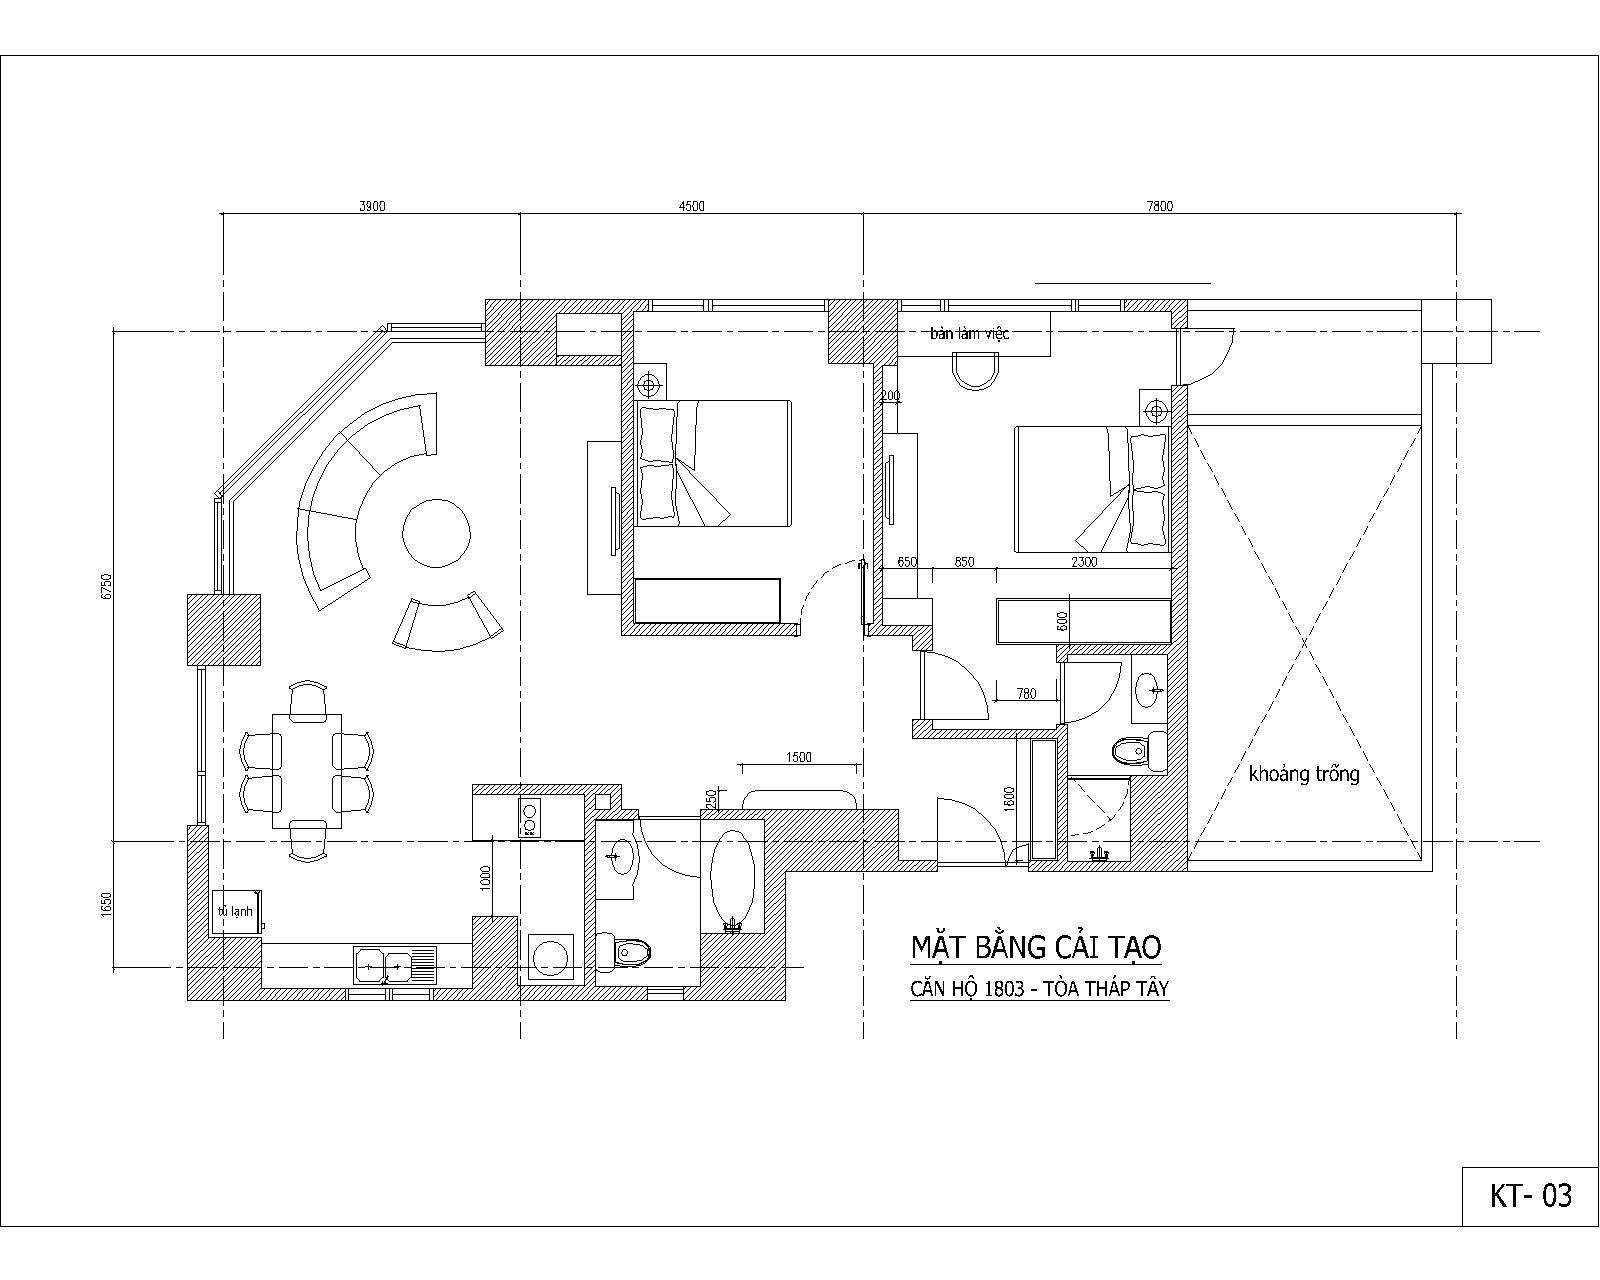 Cải tạo nội thất chung cư - Làng Quốc tế Thăng long - MB cải tạo, bố trí nội thất